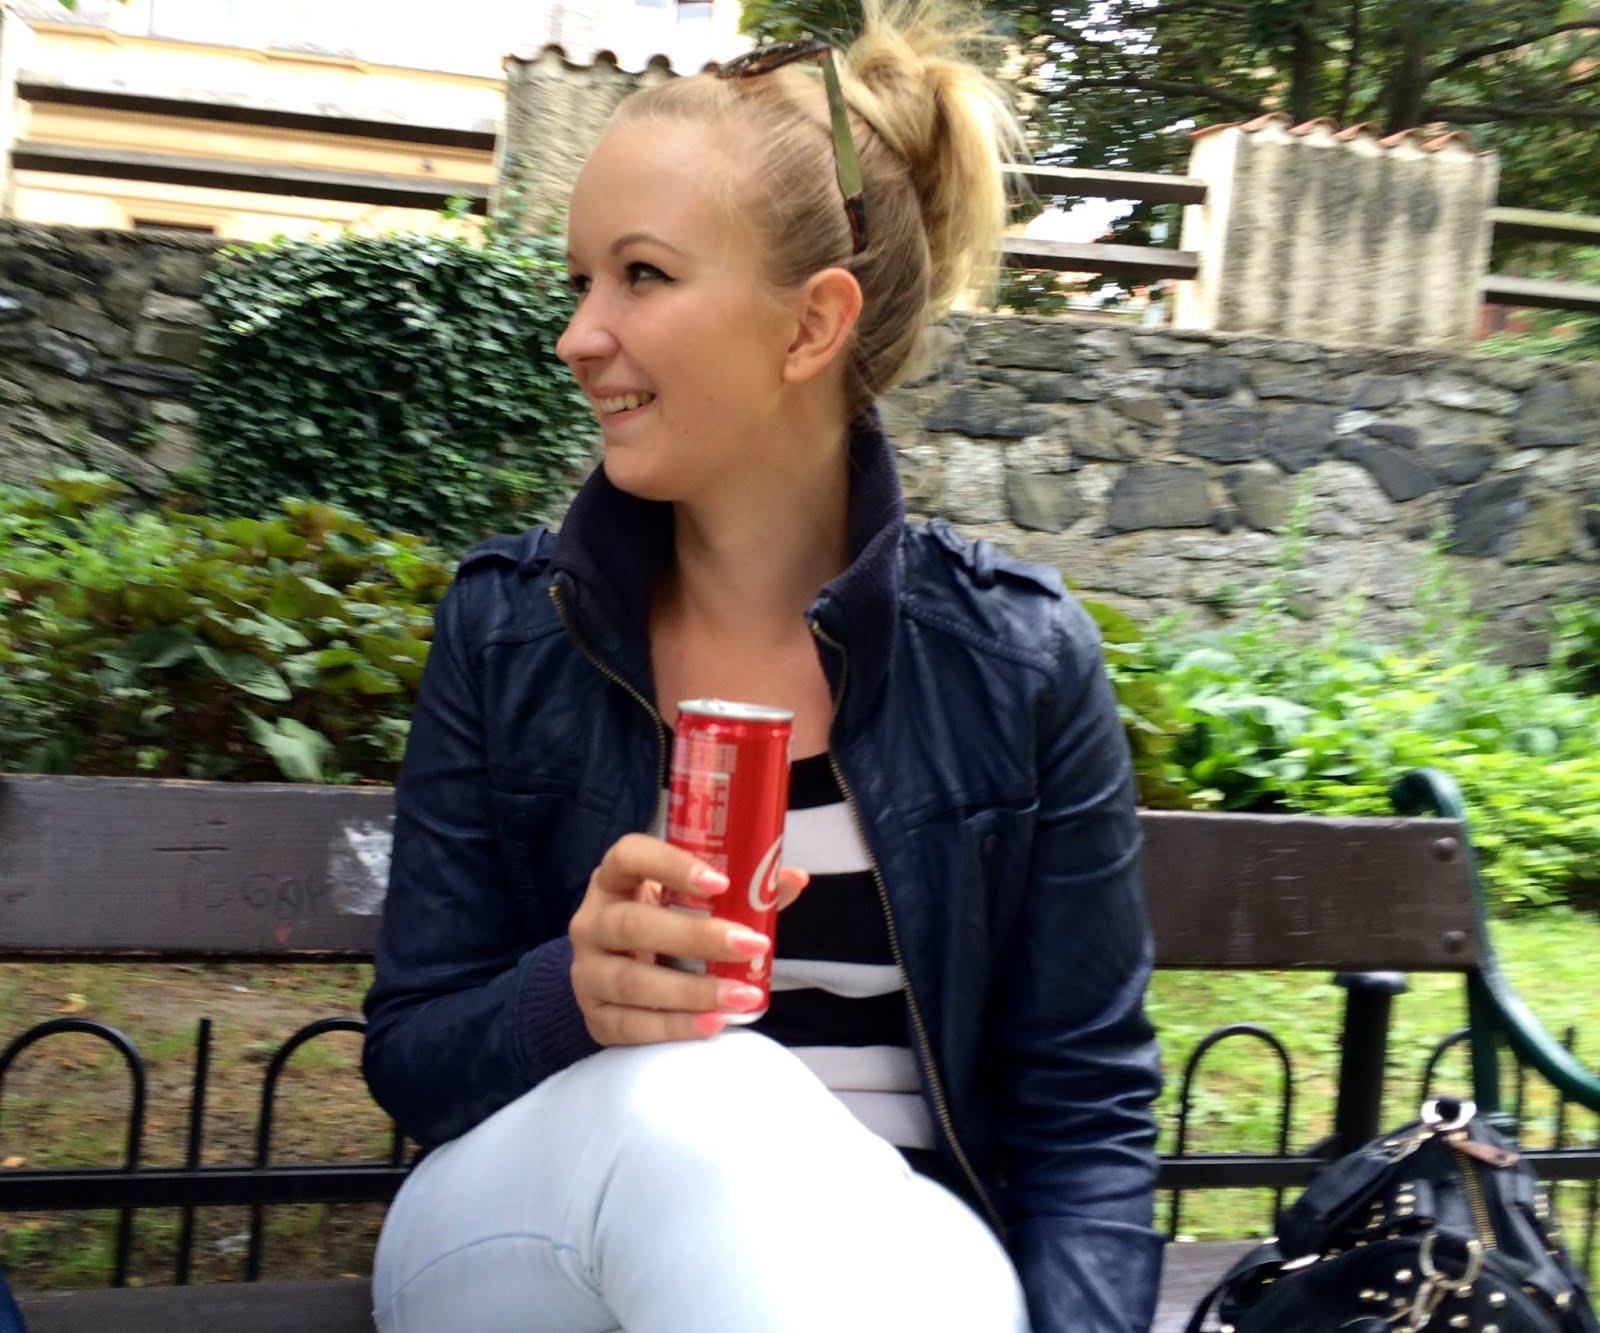 Dívka s CocaColou